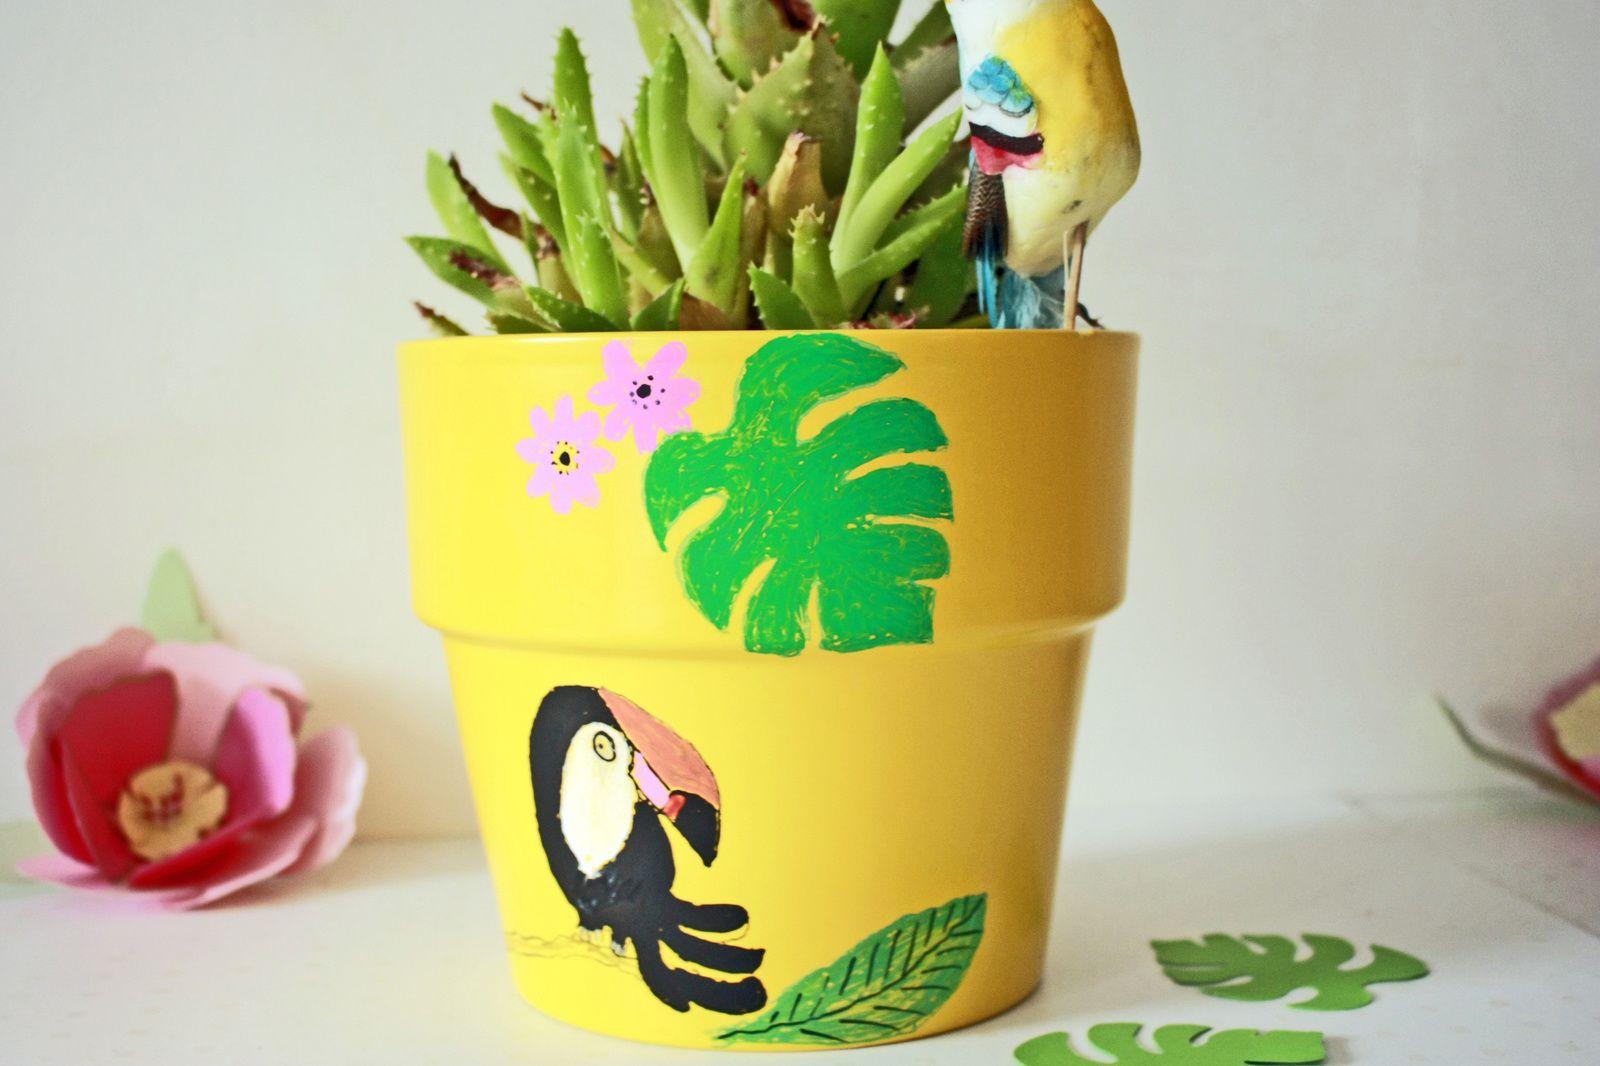 Exotisme et couleurs éclatantes pour cactus tristounet !!!